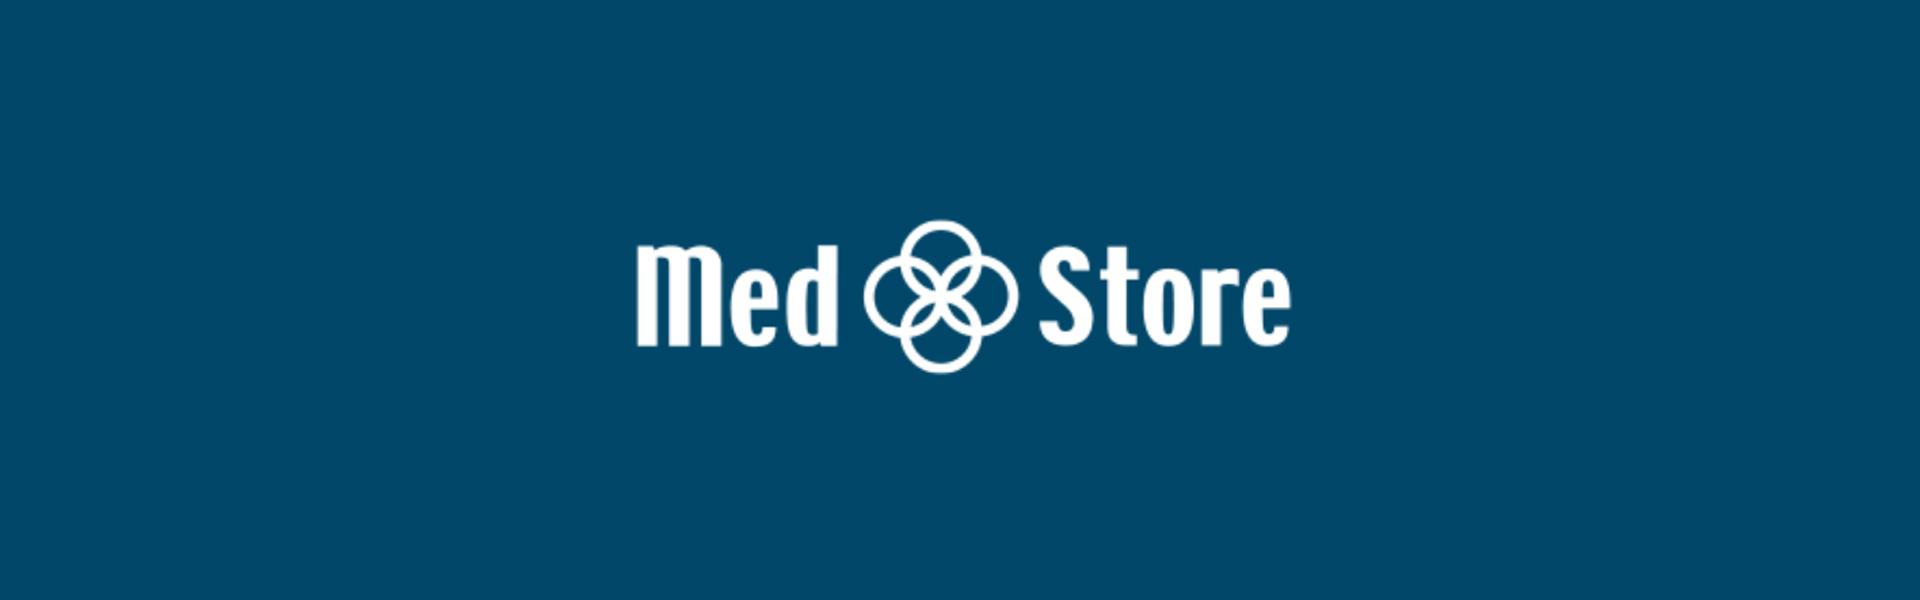 med-store